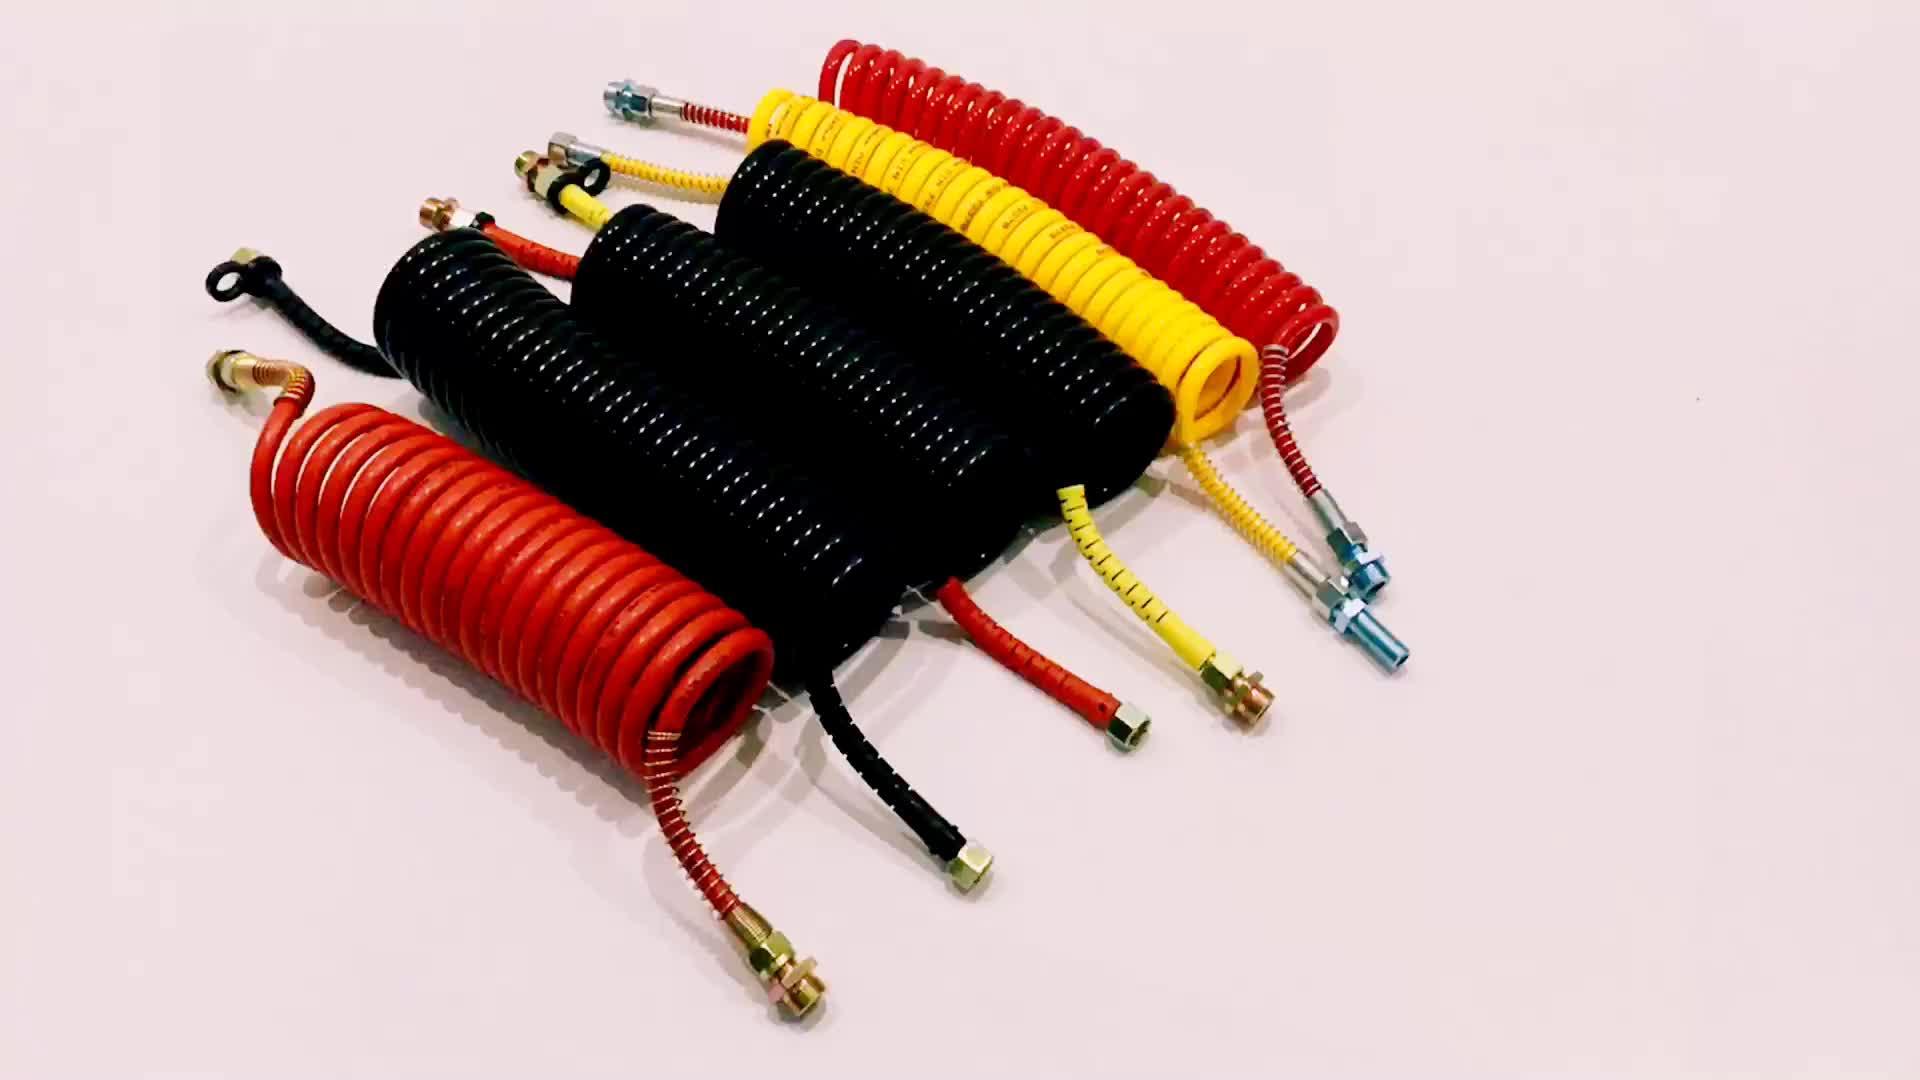 PA12 kırmızı plastik Hortumlar pnömatik hortum bahar ceket hava hortumları ve fren susie rulo NOKTA hava bobinleri